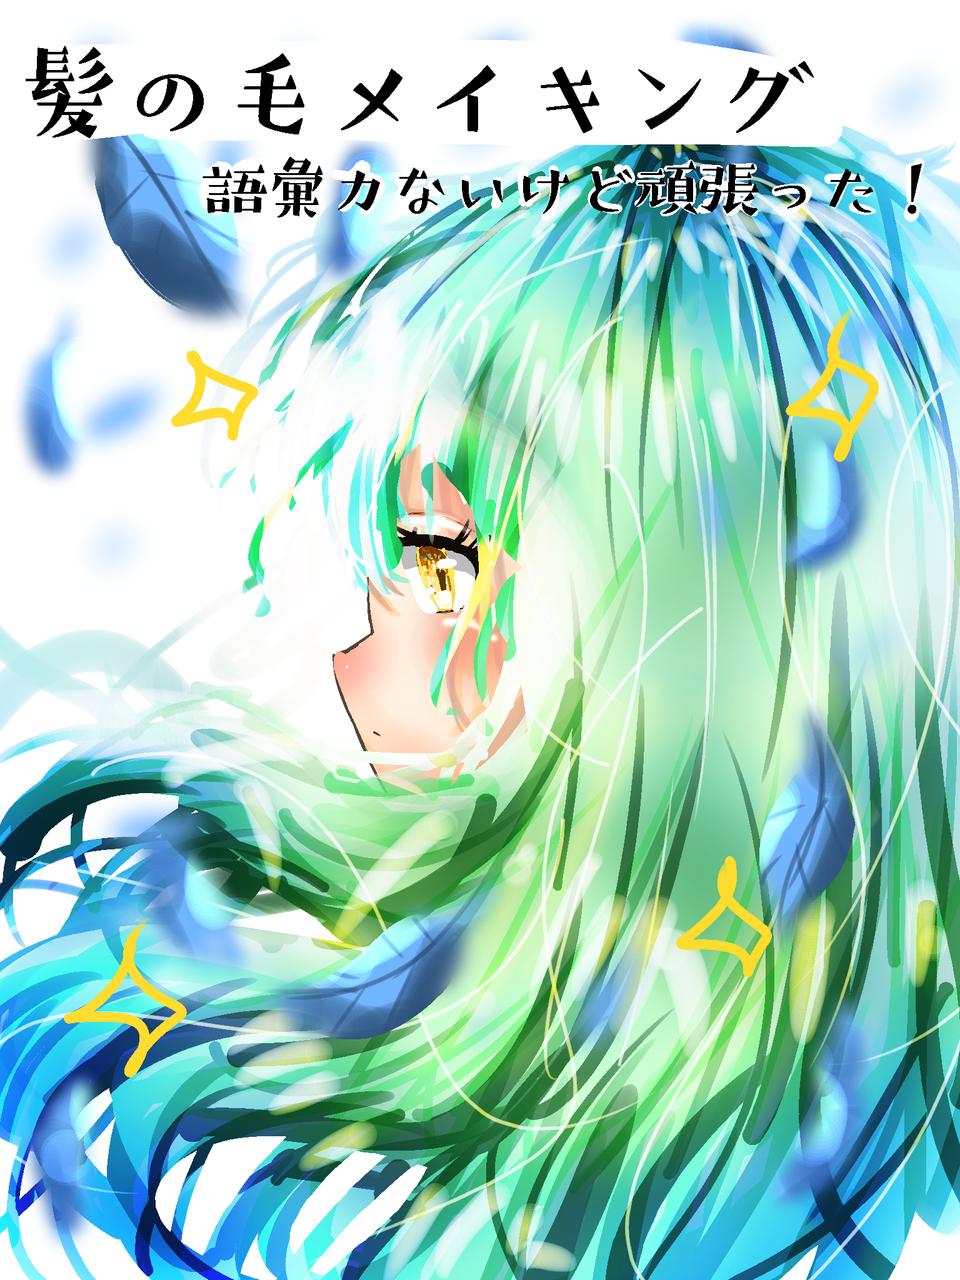 髪の毛メイキング Illust of 彩芽 greenhair girl メイキング